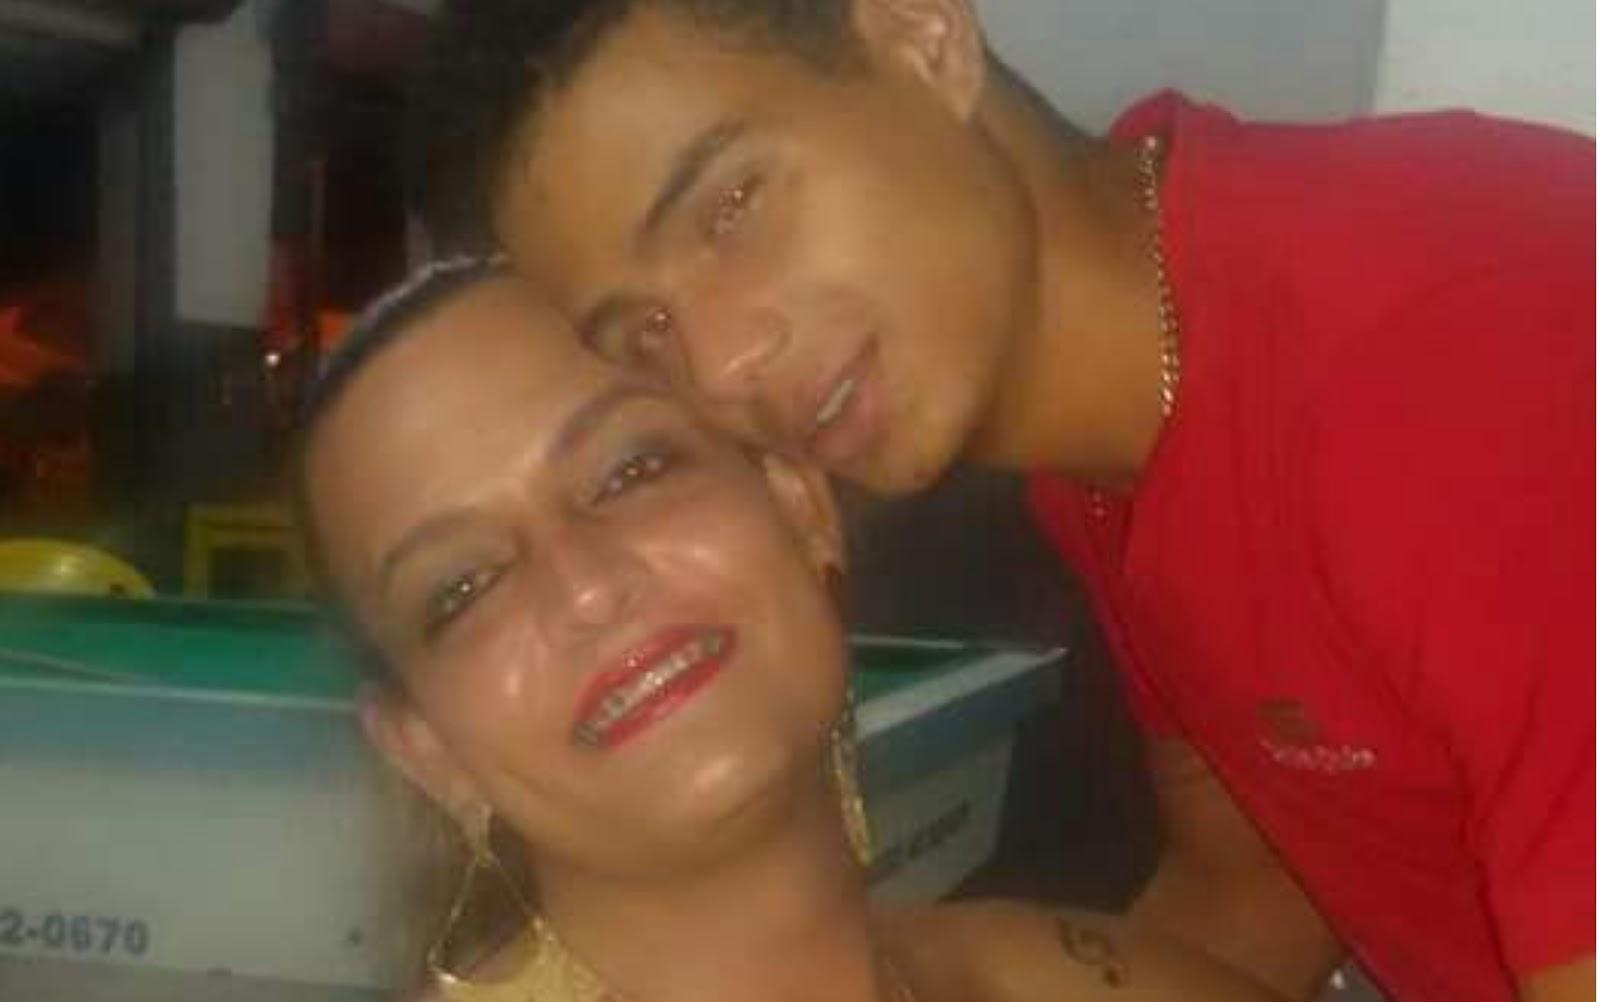 Juiz garante visita íntima de transexual a detento em São Luís de Montes Belos, GO